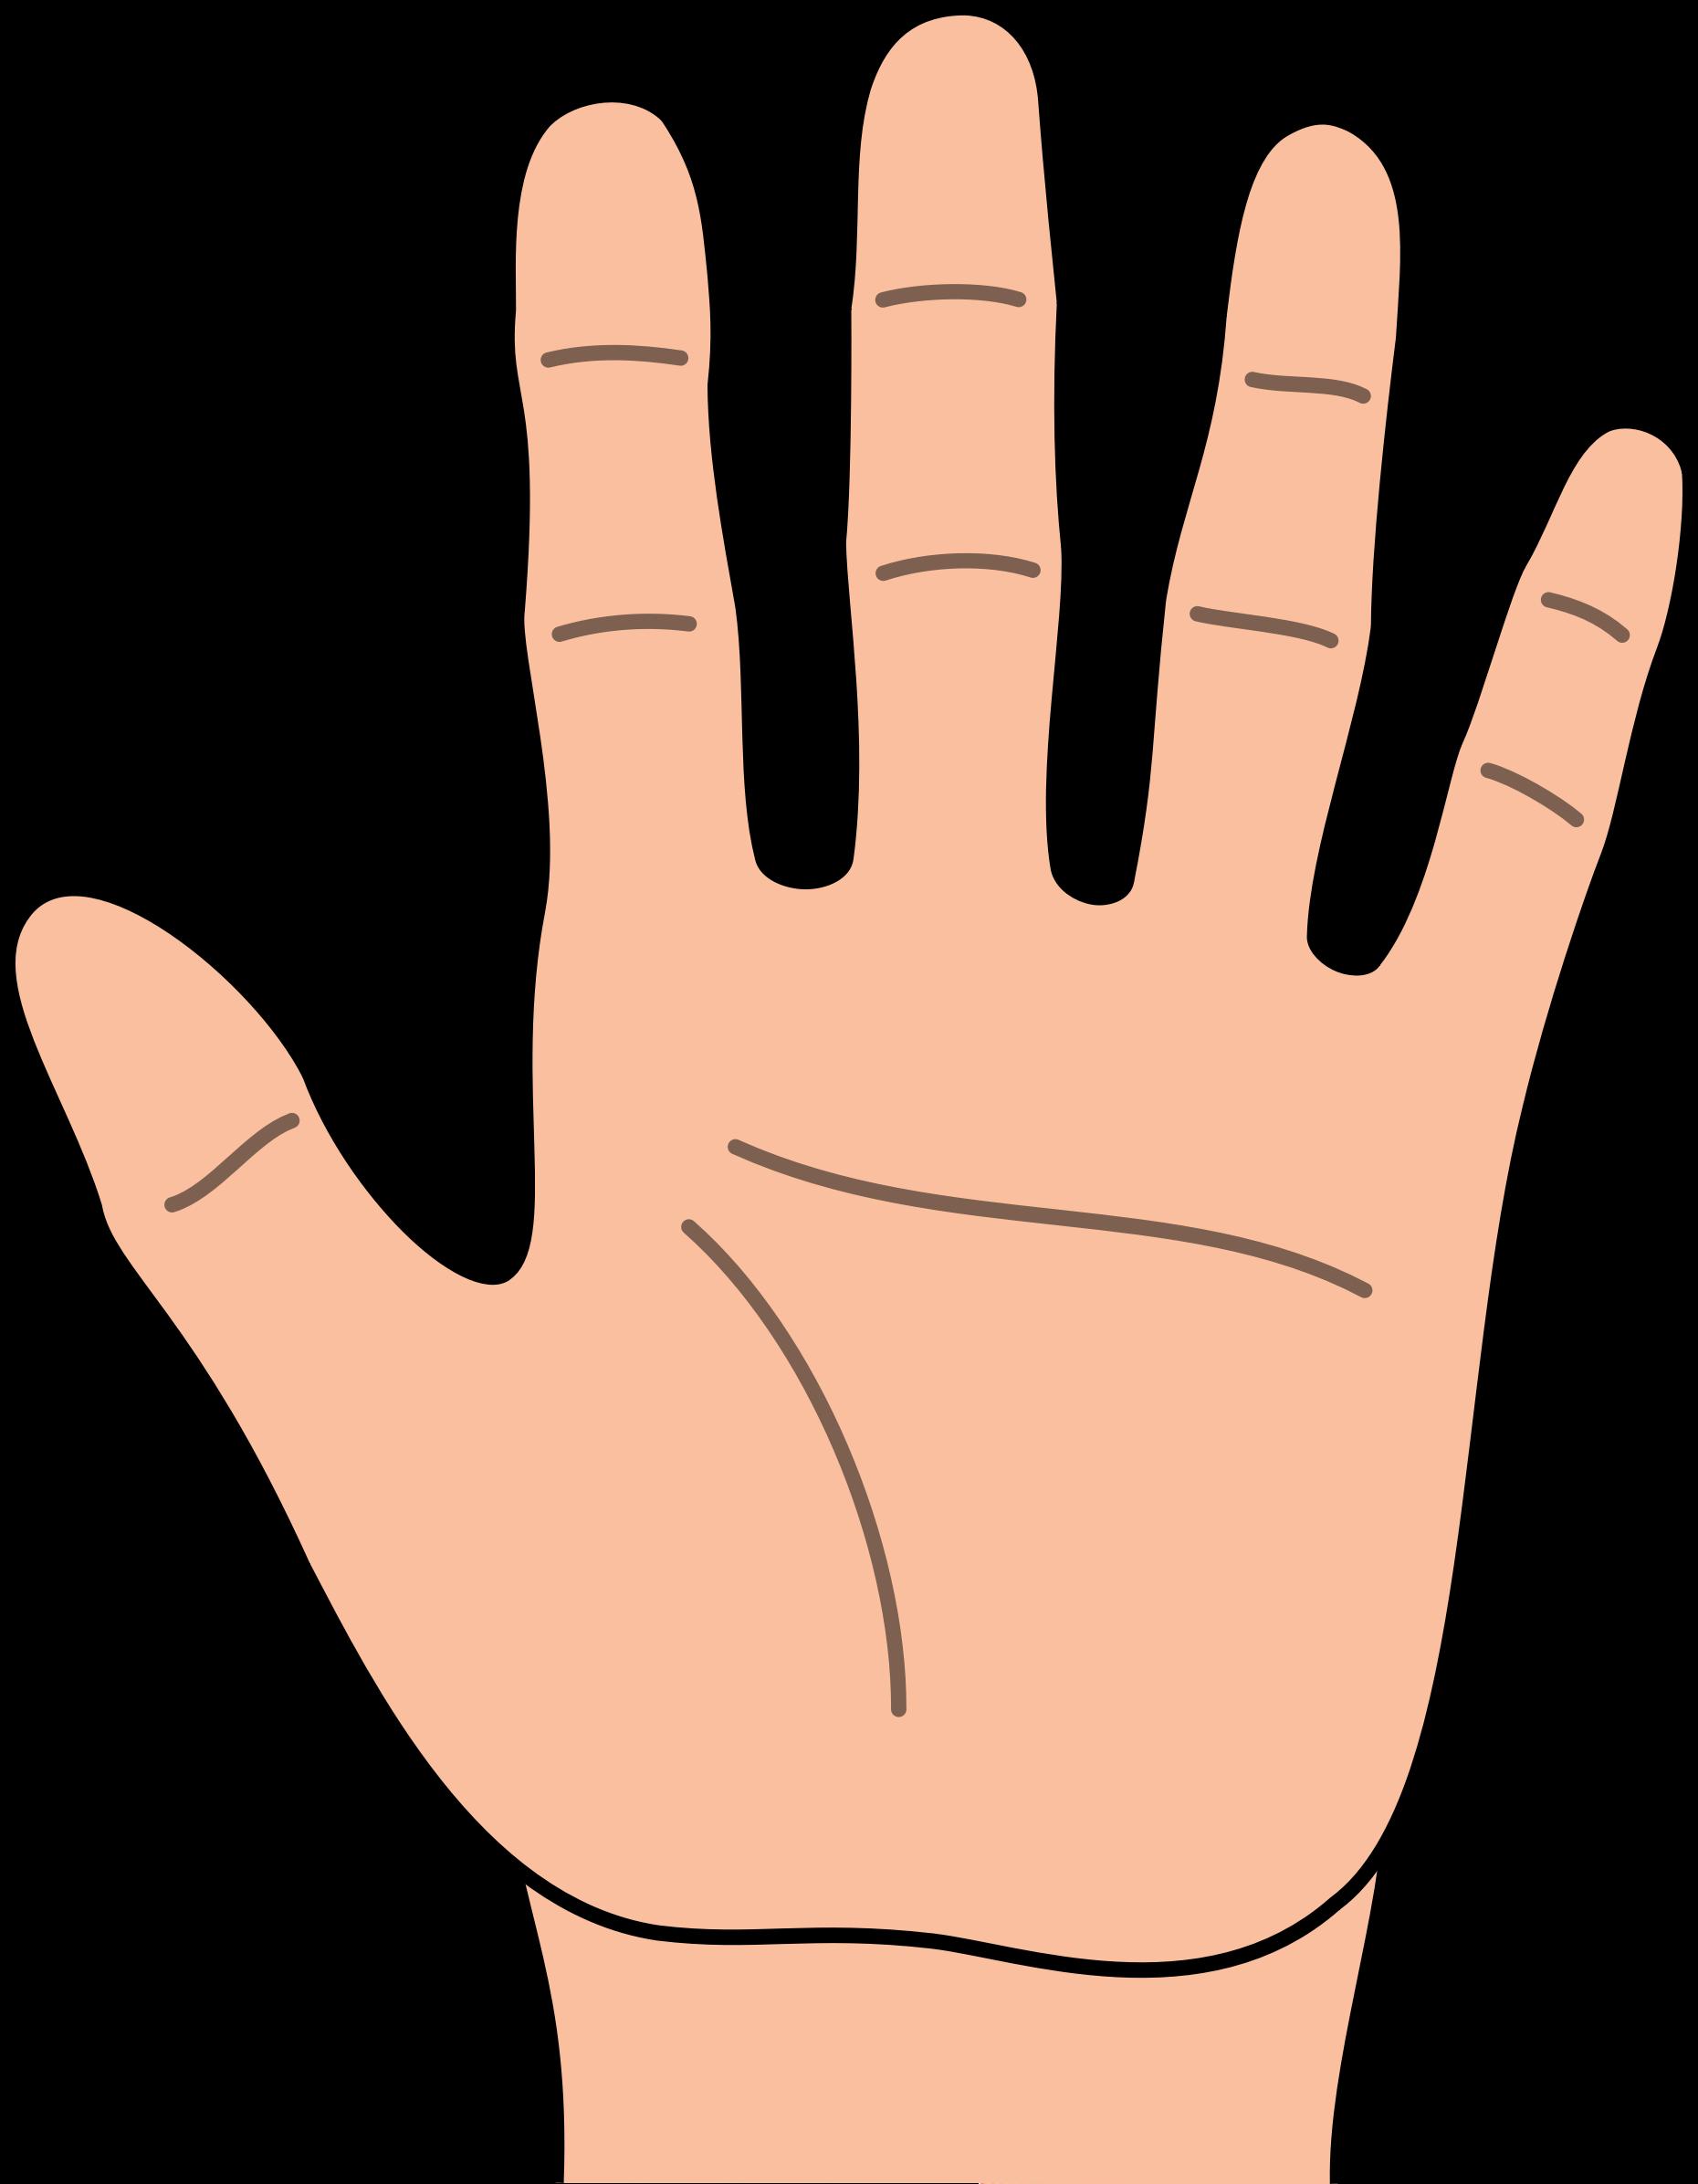 Hands clip art hand cartoon 3 - dbclipart.com